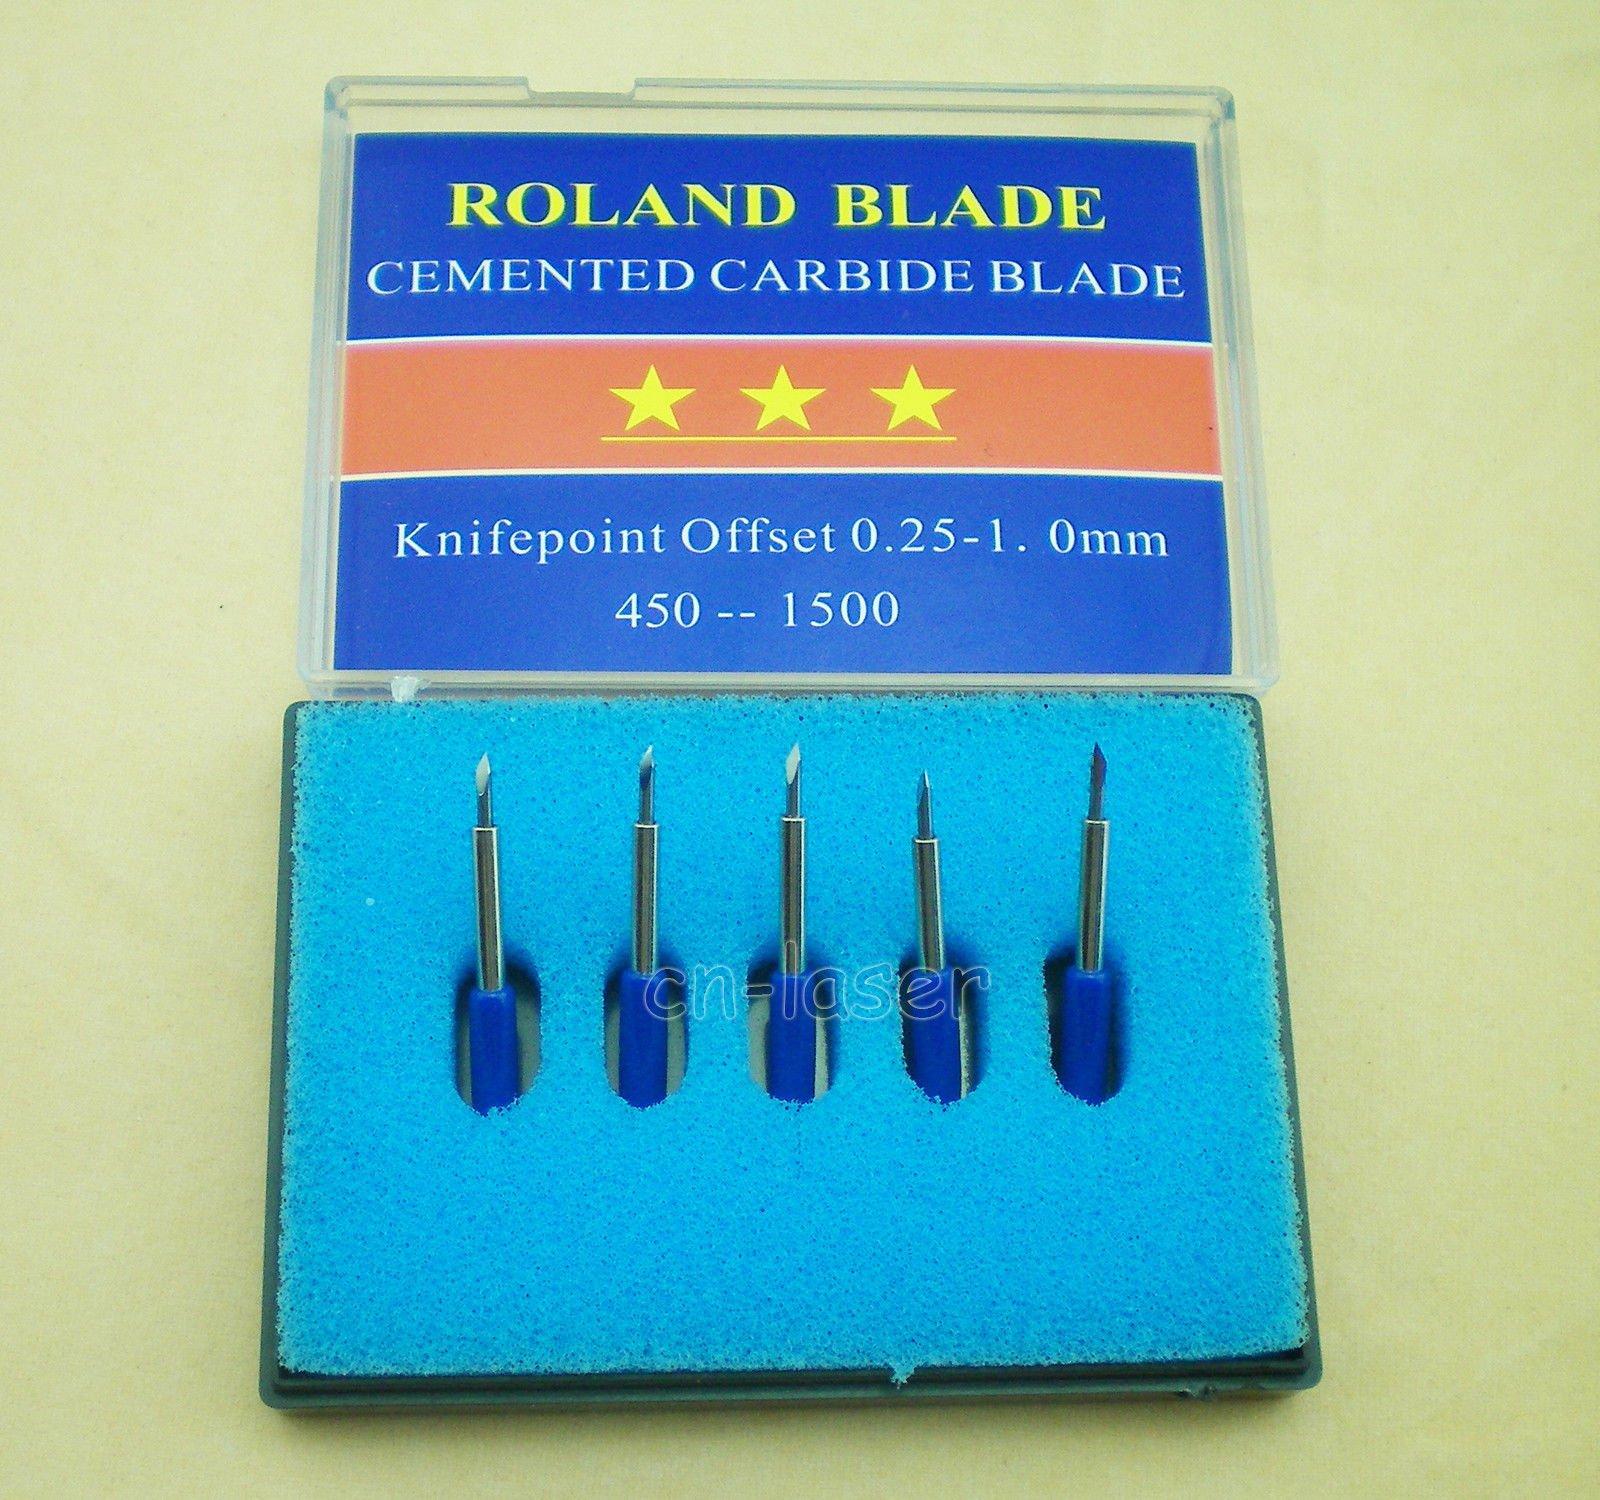 1 soporte + 15 Pcs mezcla de 30 45 60 grados Cuchillas para Roland Vinyl Cutter Blade Soporte: Amazon.es: Amazon.es